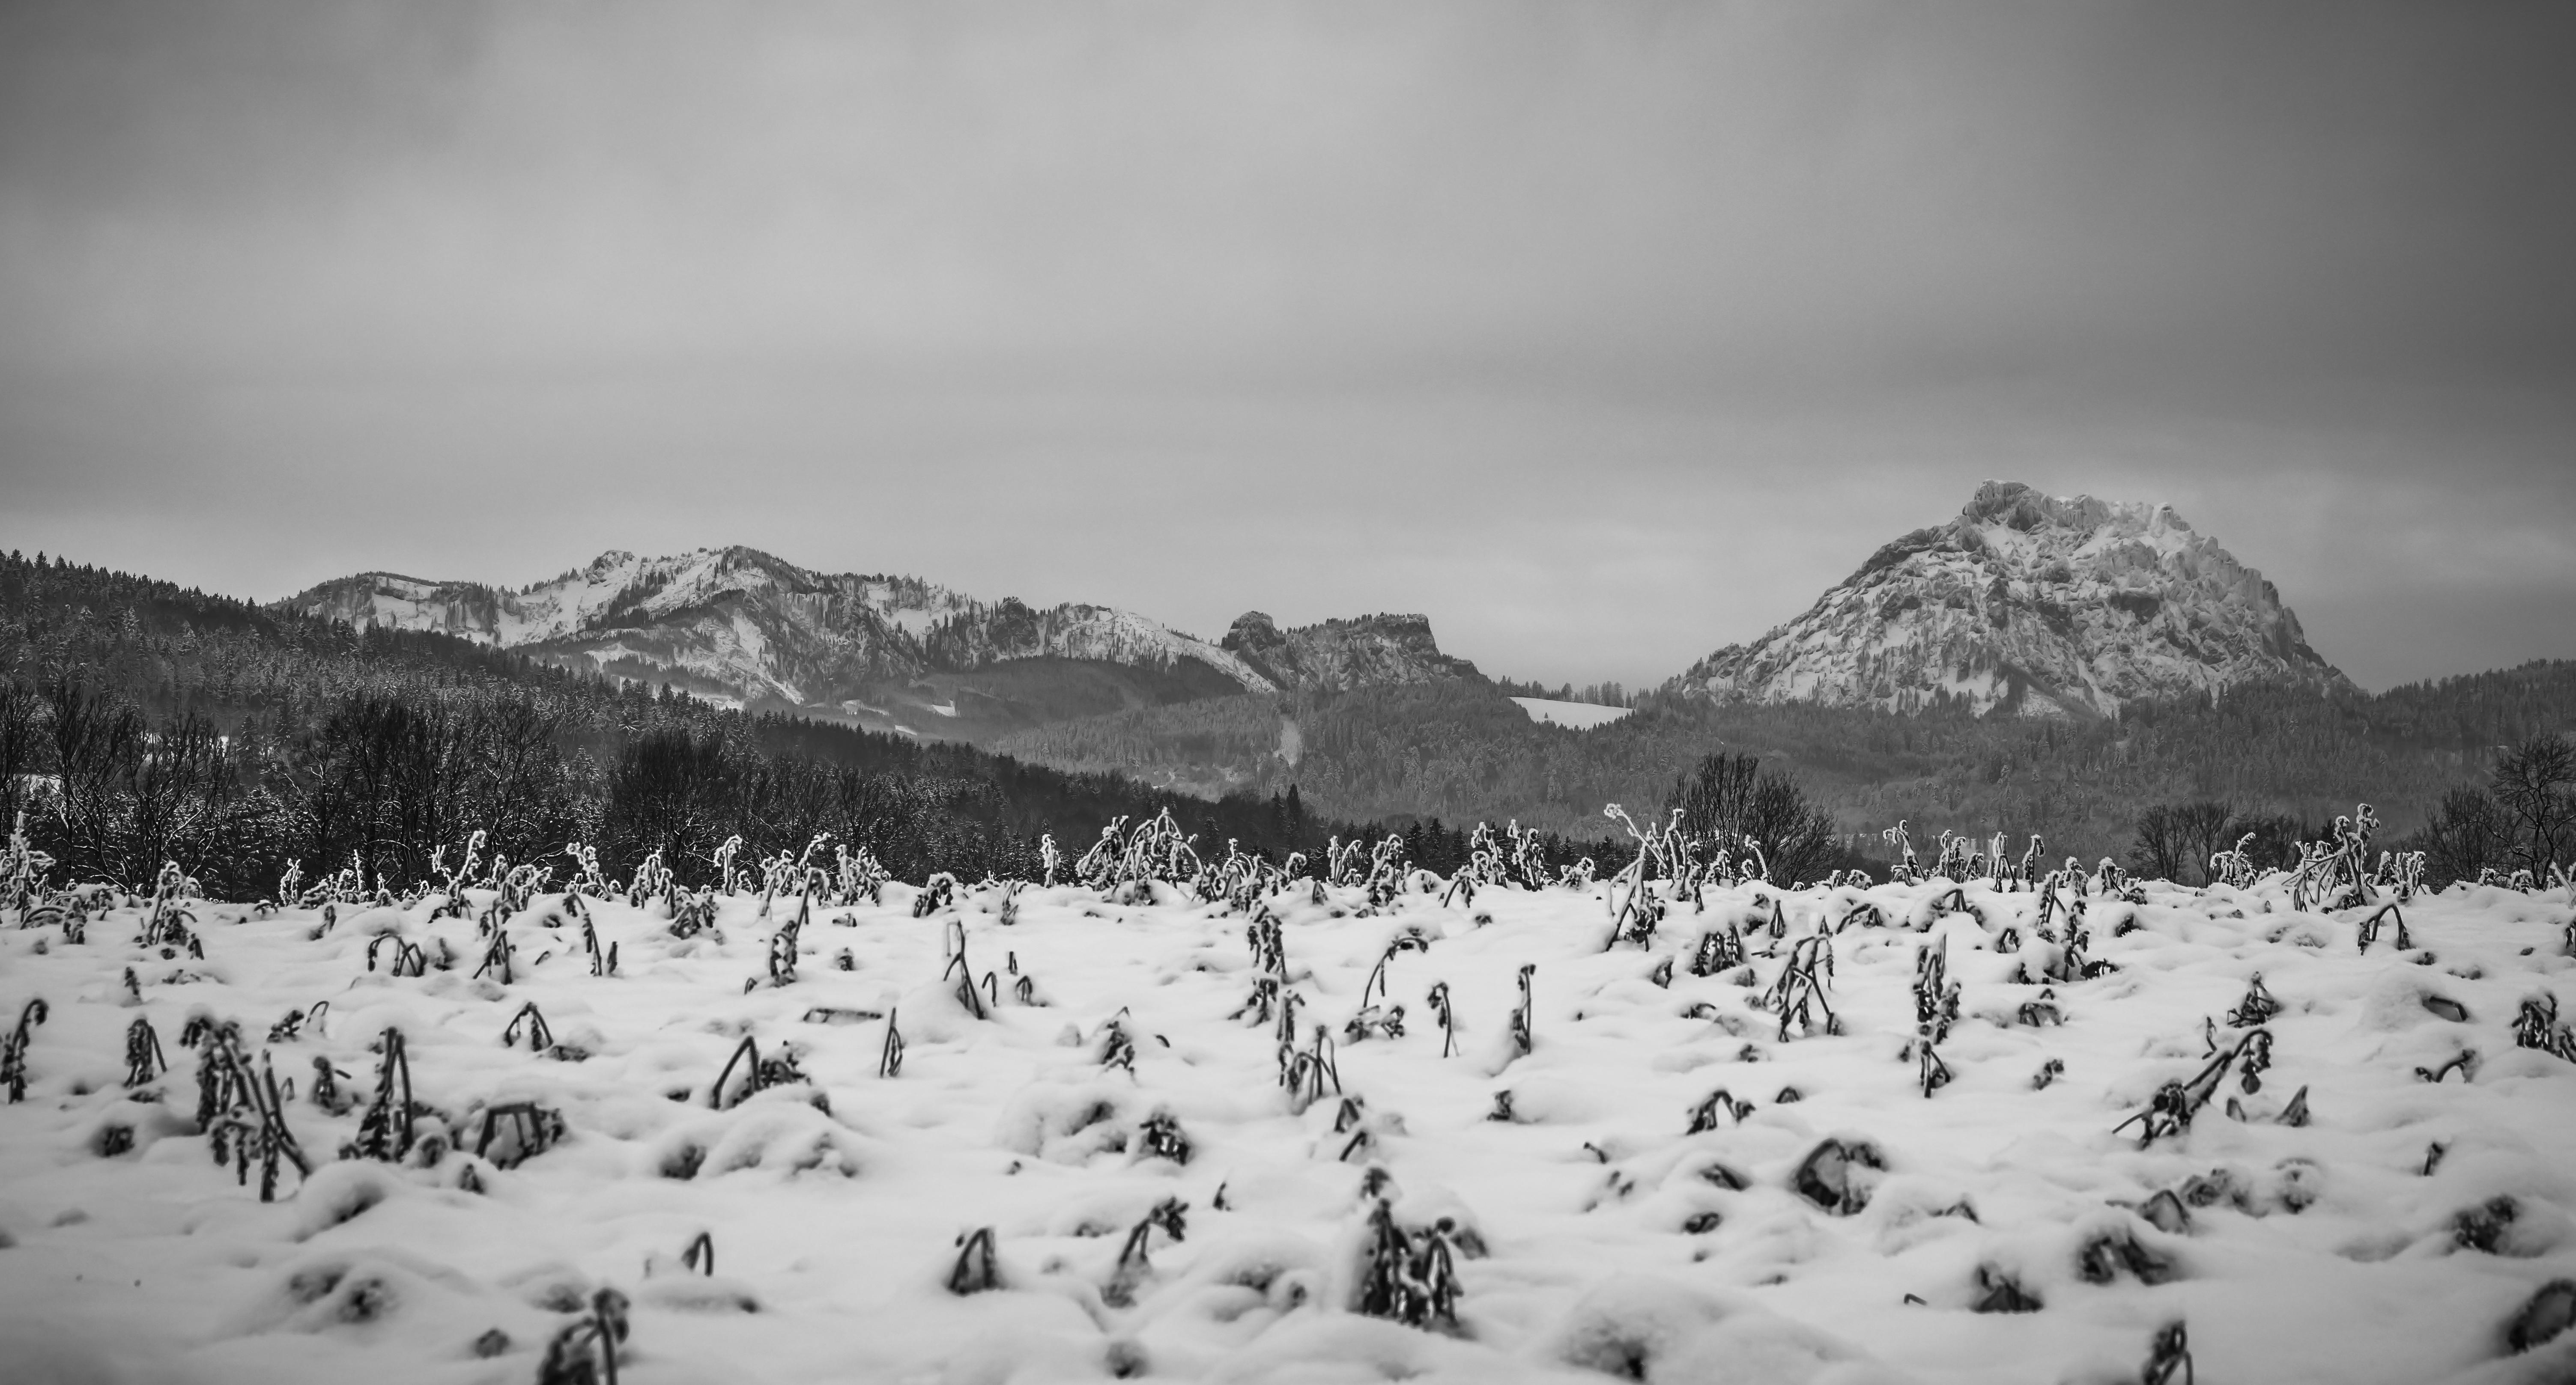 Berg_Landschaft-3